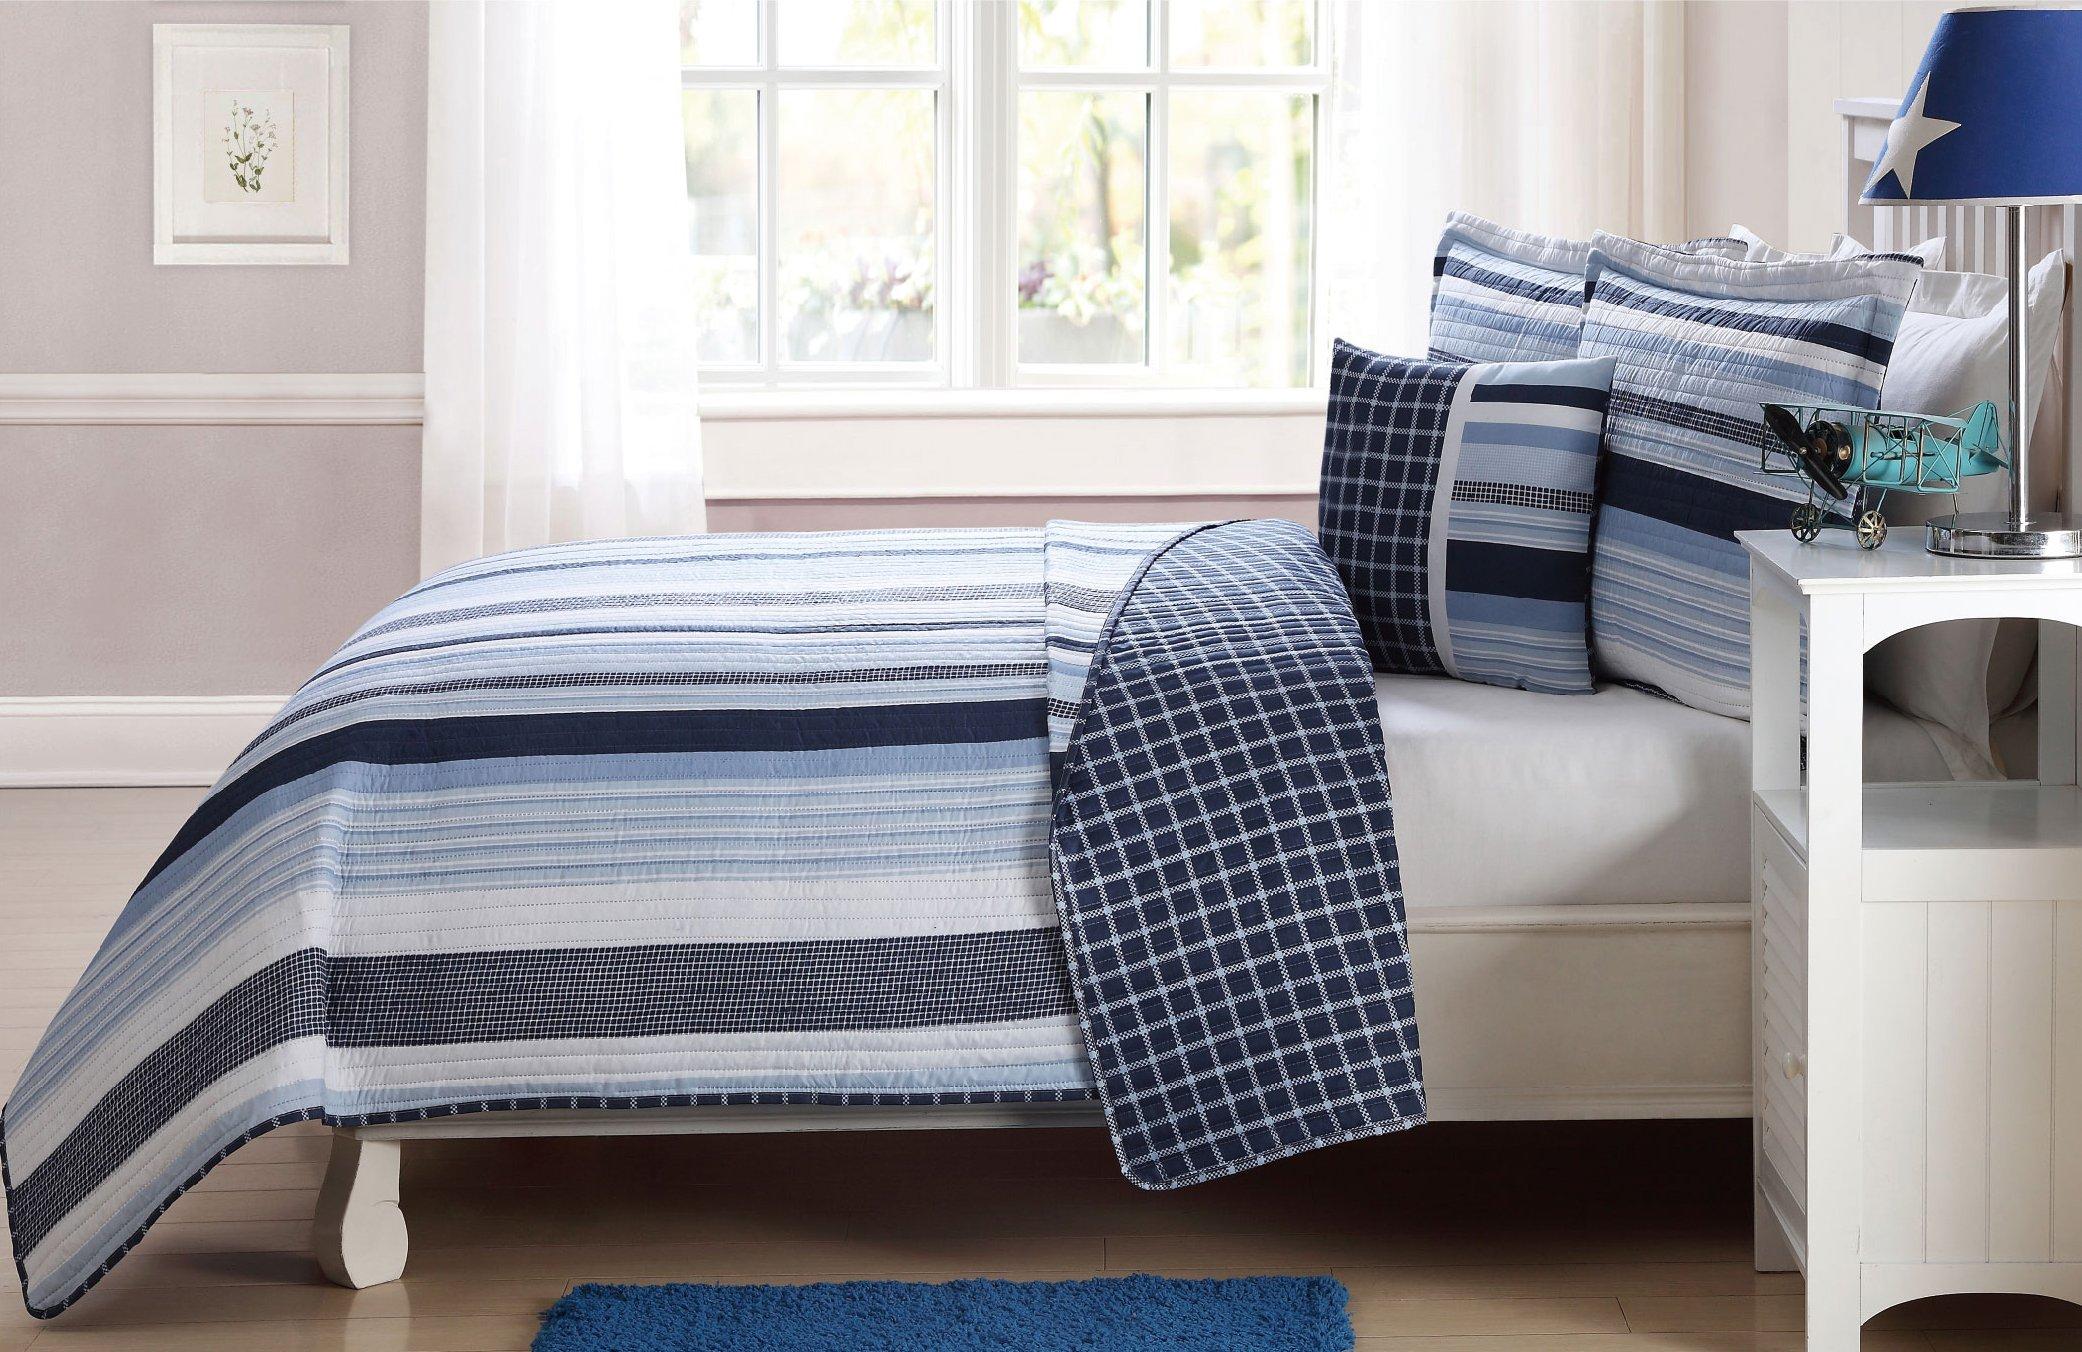 Fancy Linen 4 Pc Full Size Bedspread Coverlet Reversible Elegant Stripes Blue White New # Elegant Stripe